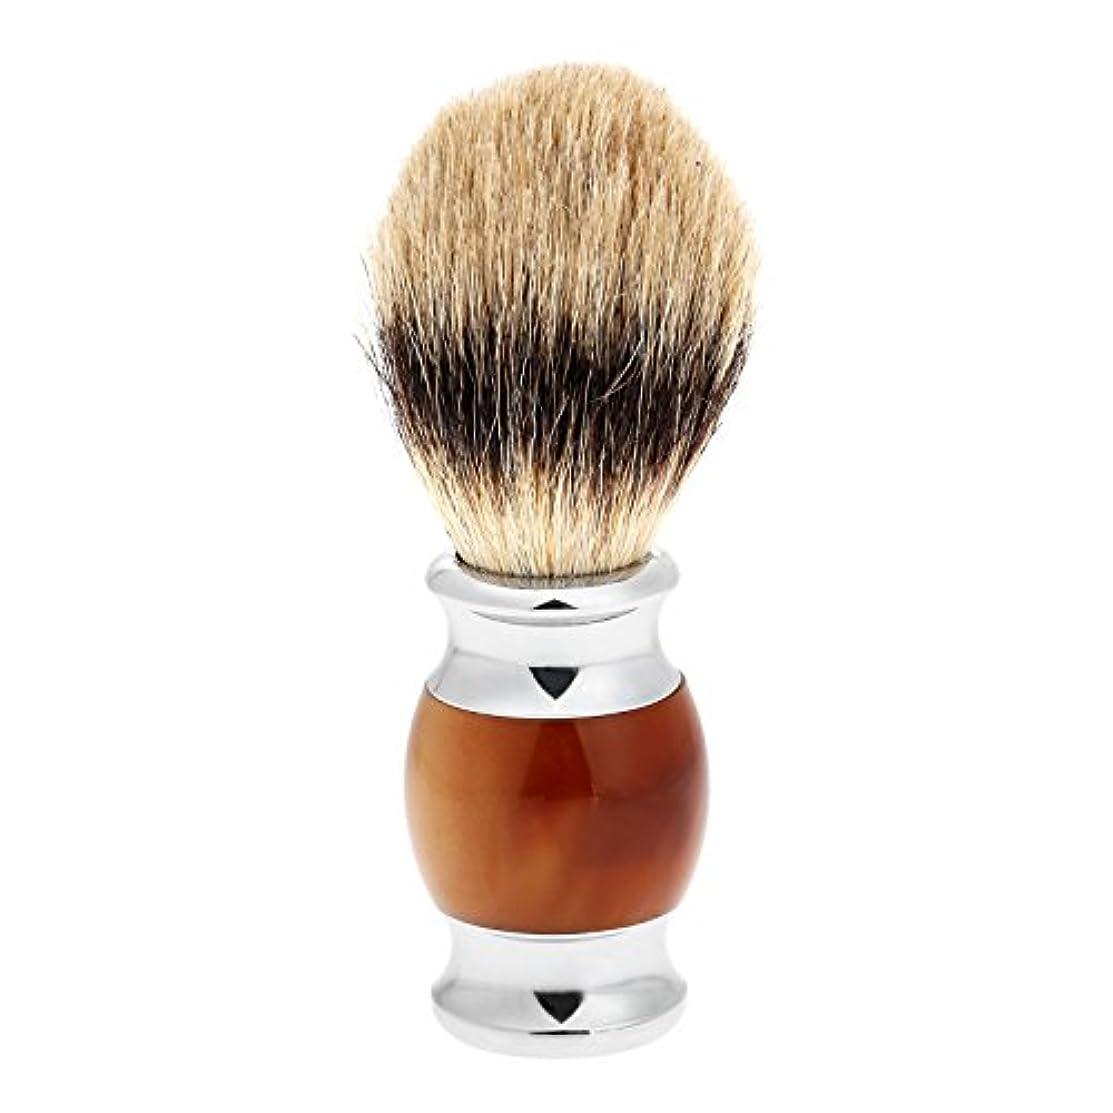 止まる変わるマイコン1PC メンズ ひげブラシ アナグマ毛 シェービングブラシ バーバー シェービング用ブラシ 理容 洗顔 髭剃り